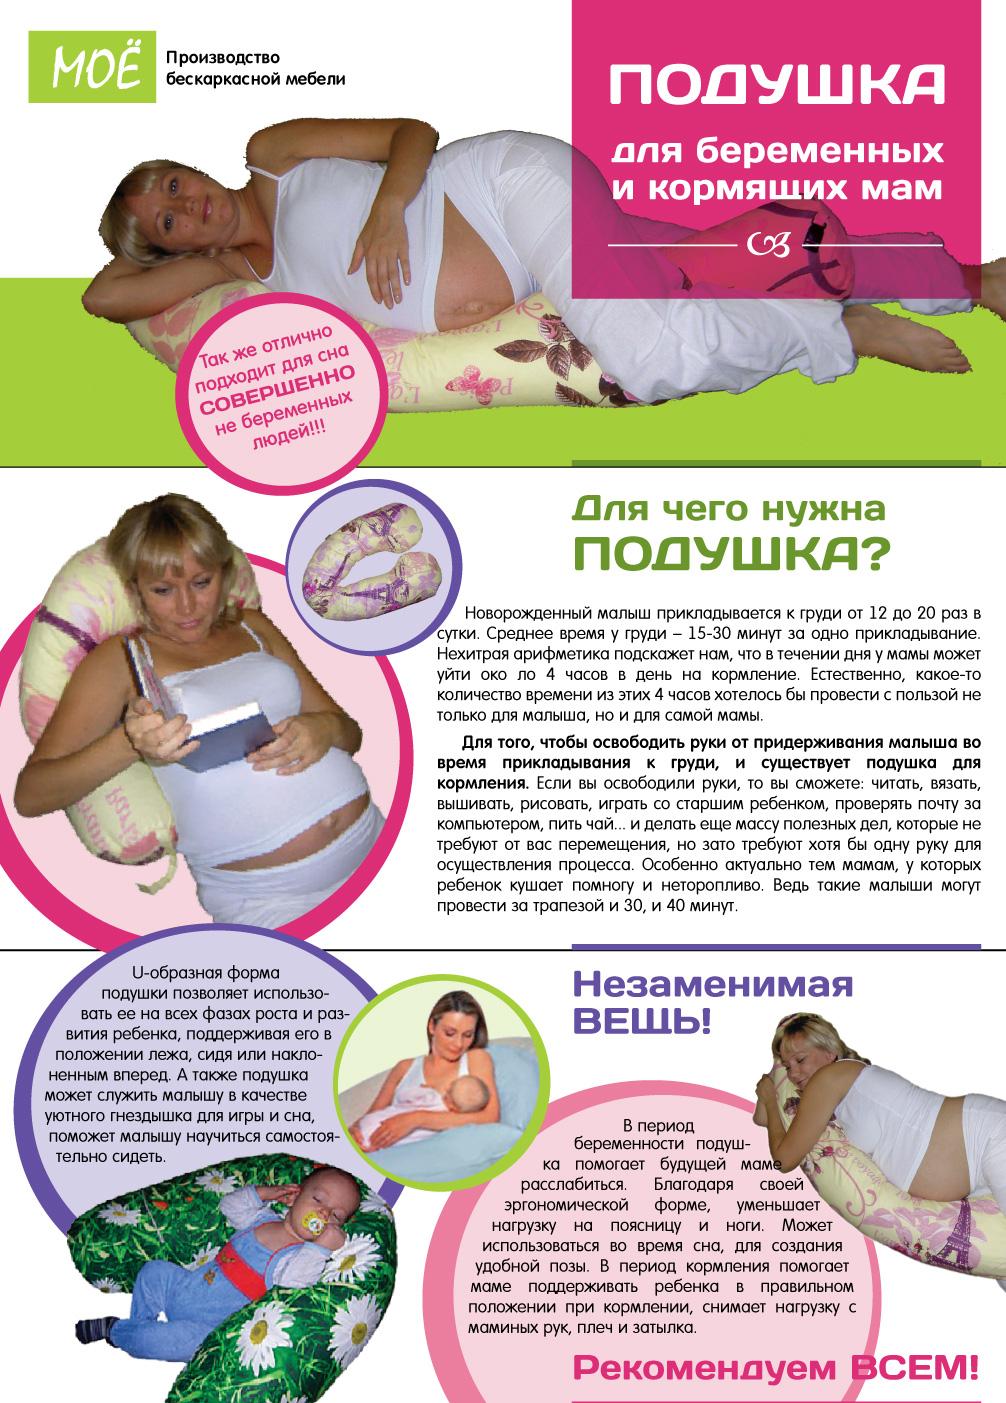 http://sf.uploads.ru/LZr9u.jpg